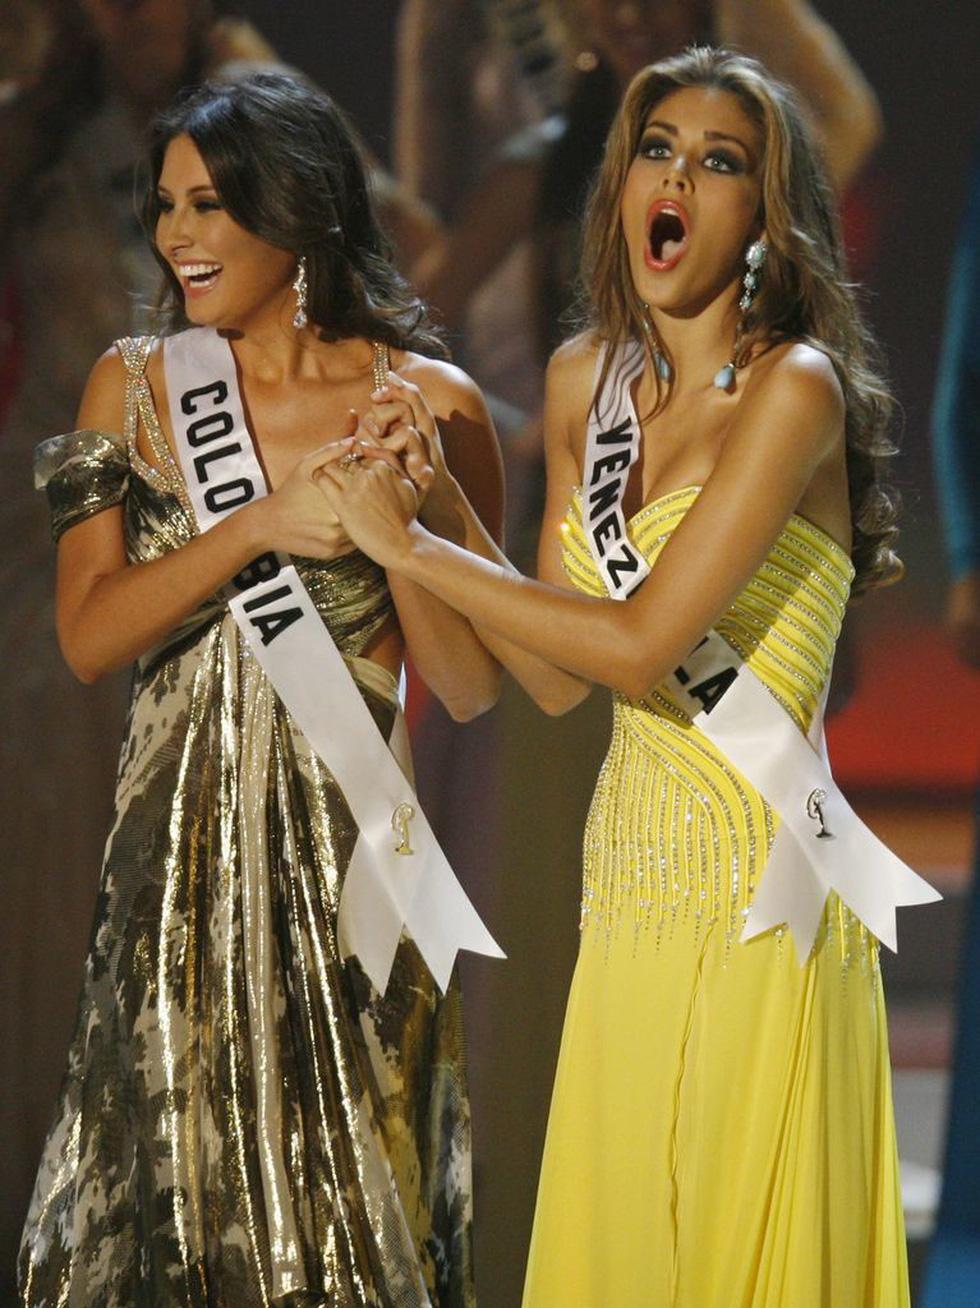 Thí sinh Miss Universe khóc, la thét, há hốc mồm khi là Hoa hậu - Ảnh 11.